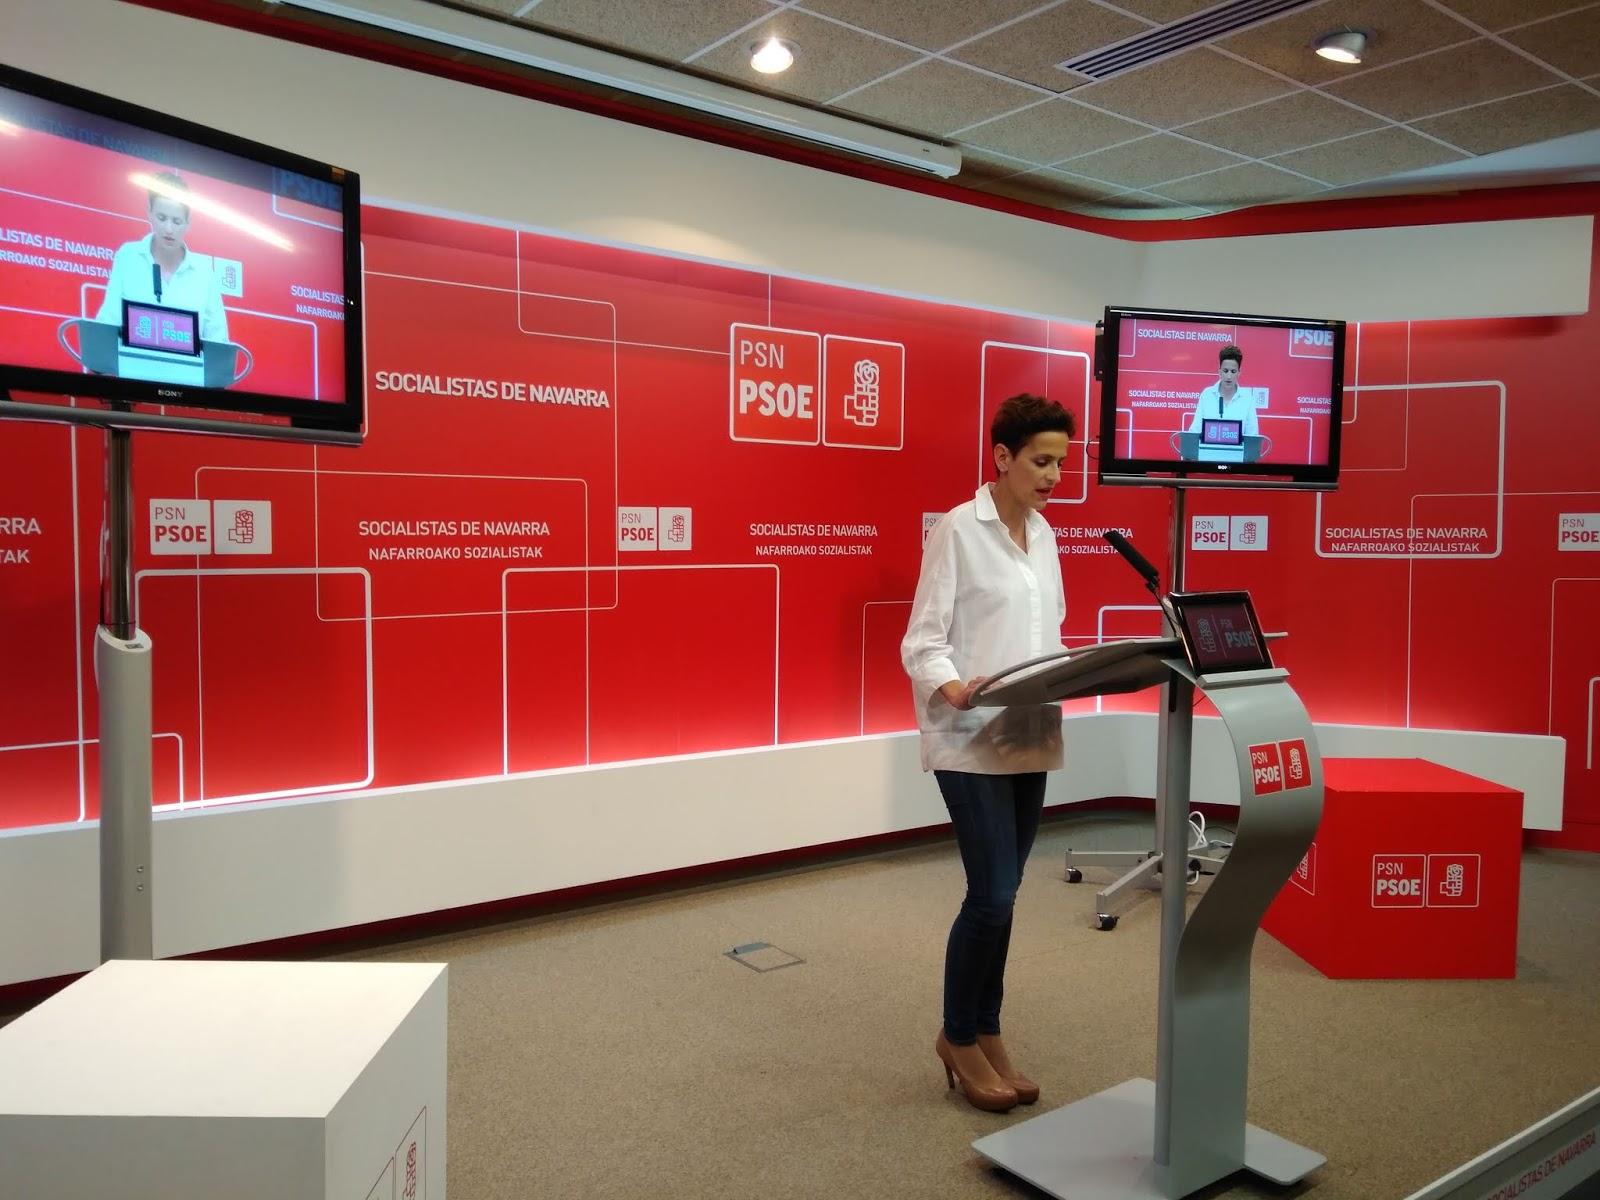 El PSN-PSOE tilda de ridícula y humillante la postura de Barkos ante el chantaje de EH Bildu en el caso del Gaztetxe